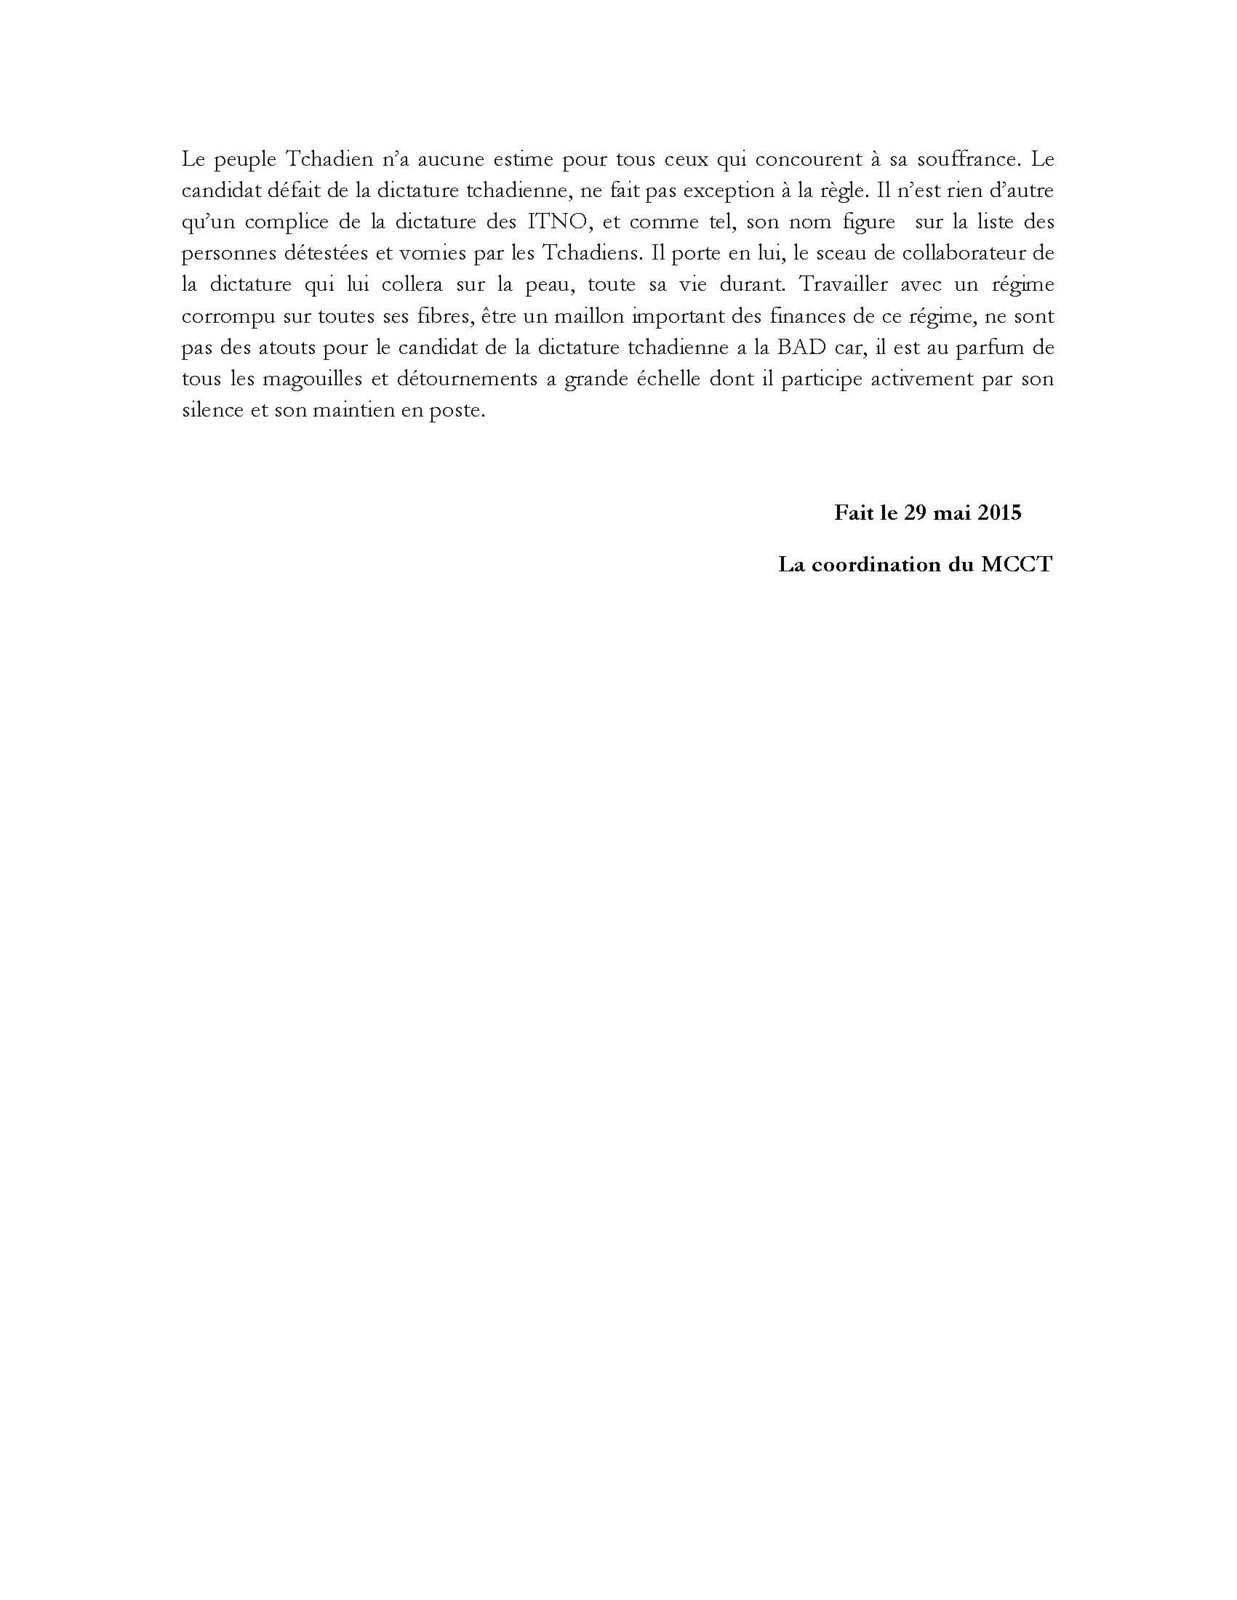 Fiasco historique et diplomatique du Tchad à la BAD: le MCCT se réjouit